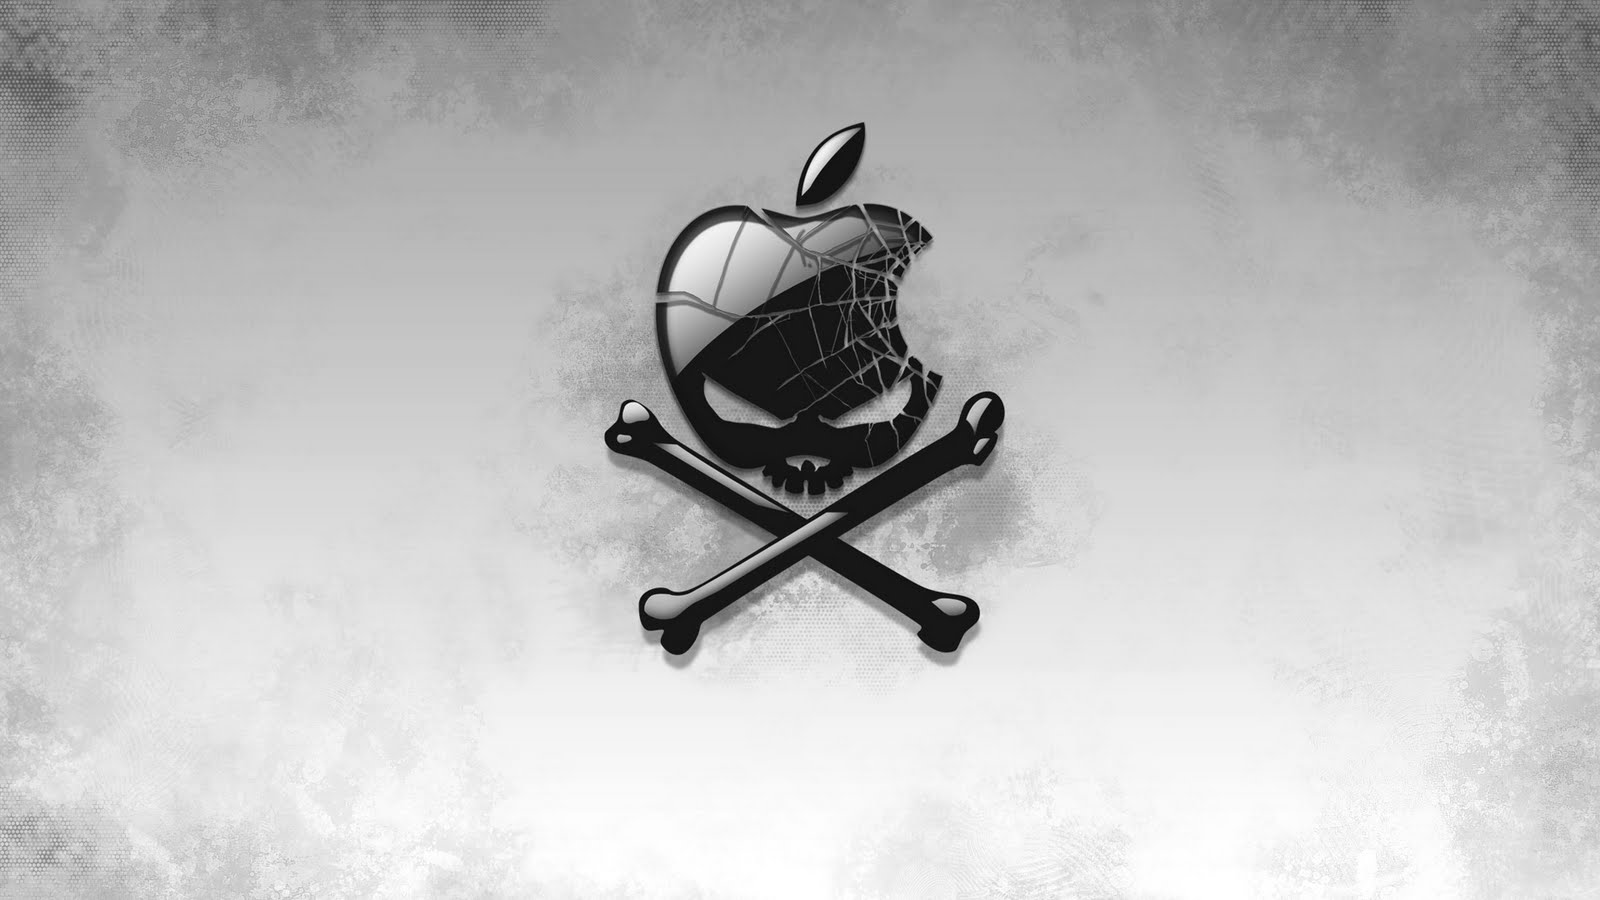 Apple skull and crossbones wallpaper 1600x900